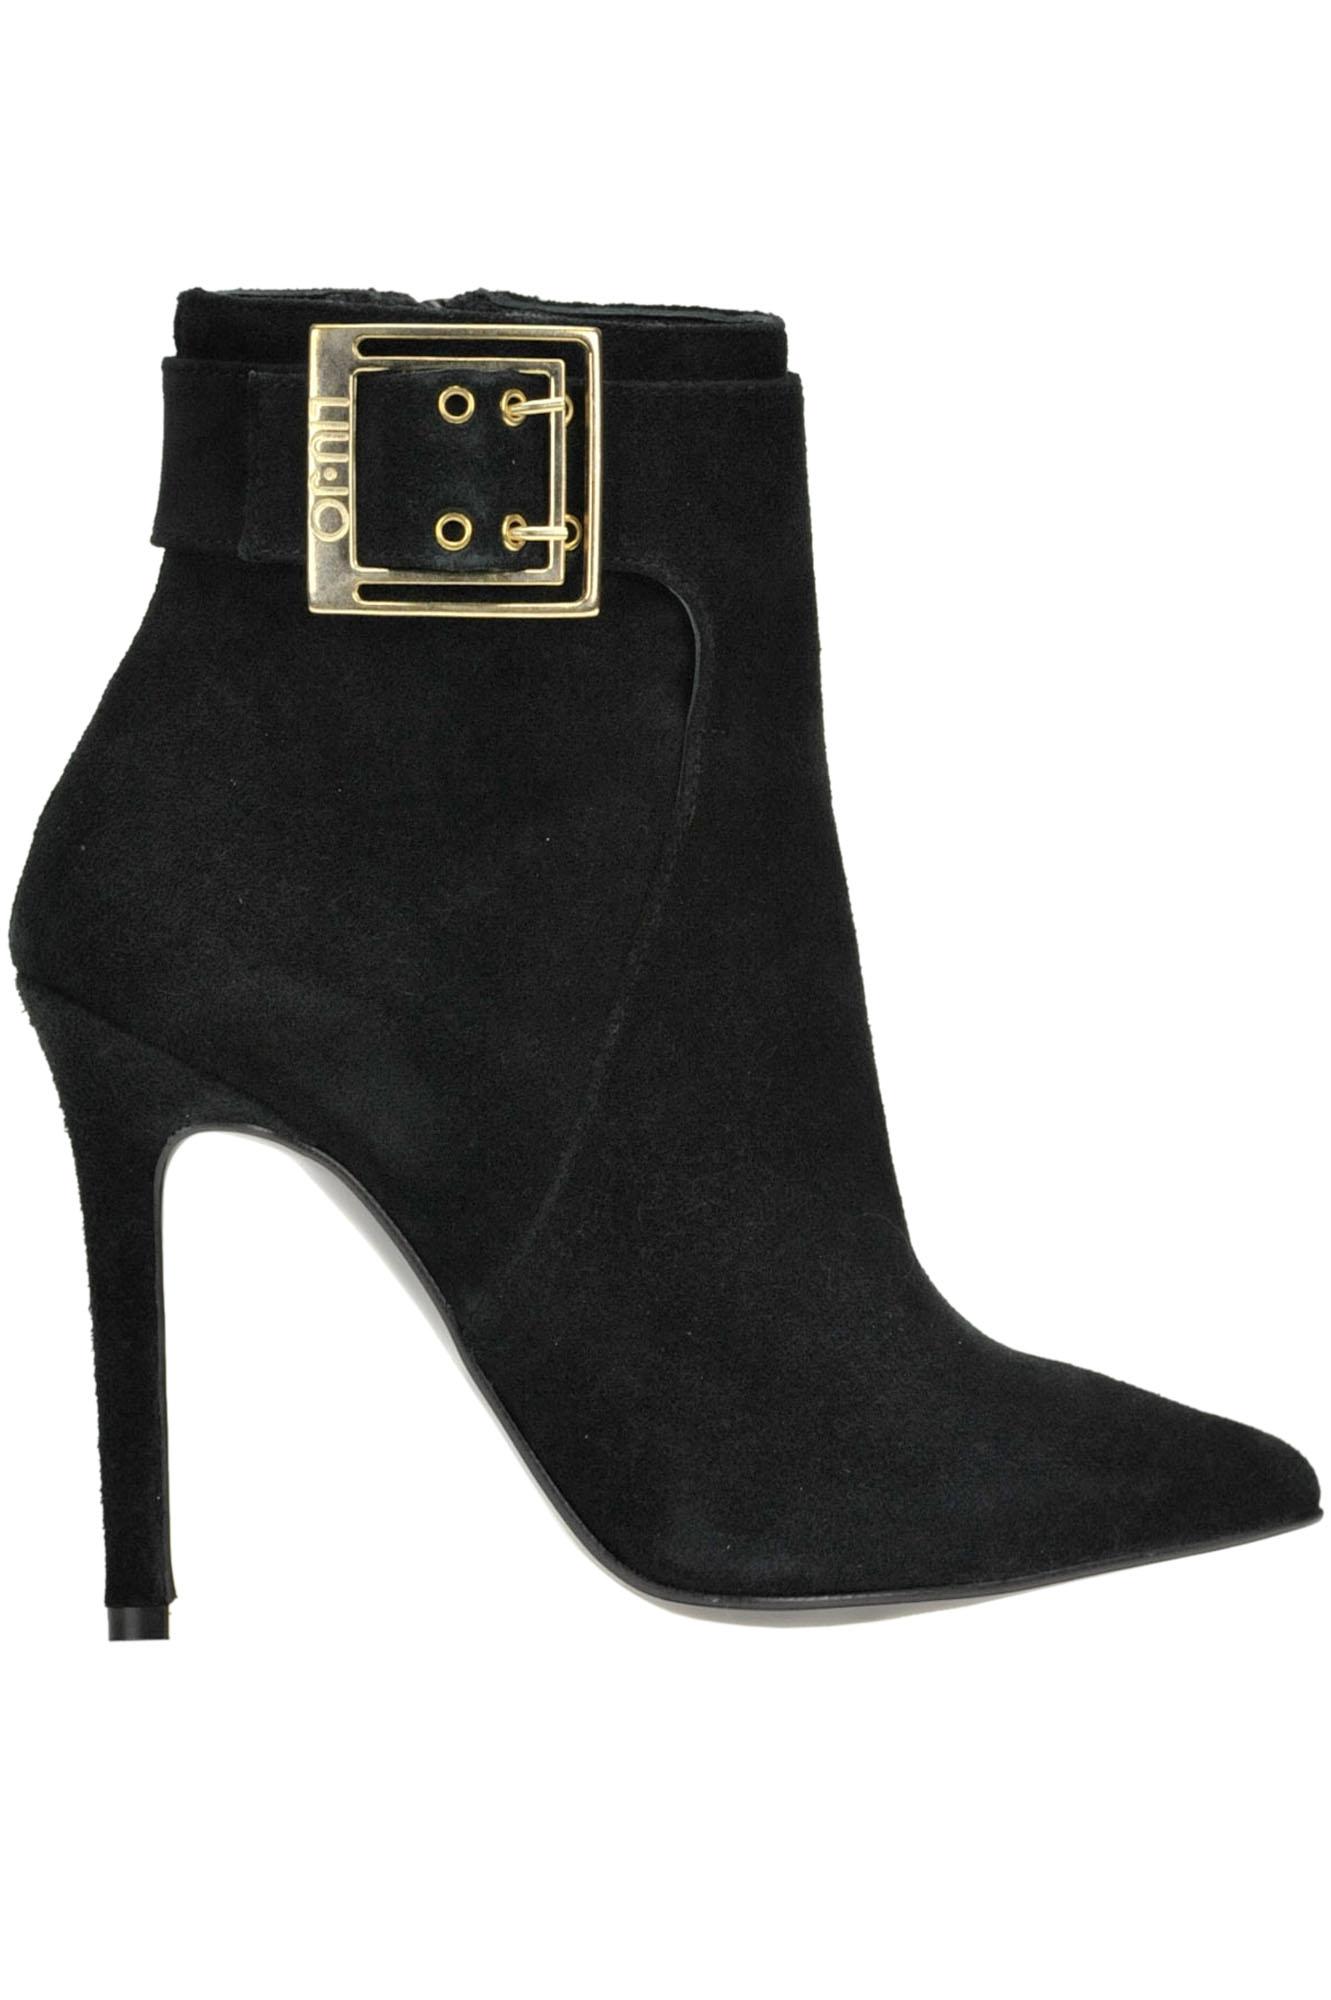 LIU •JO Liu Jo Women'S  Black Suede Ankle Boots